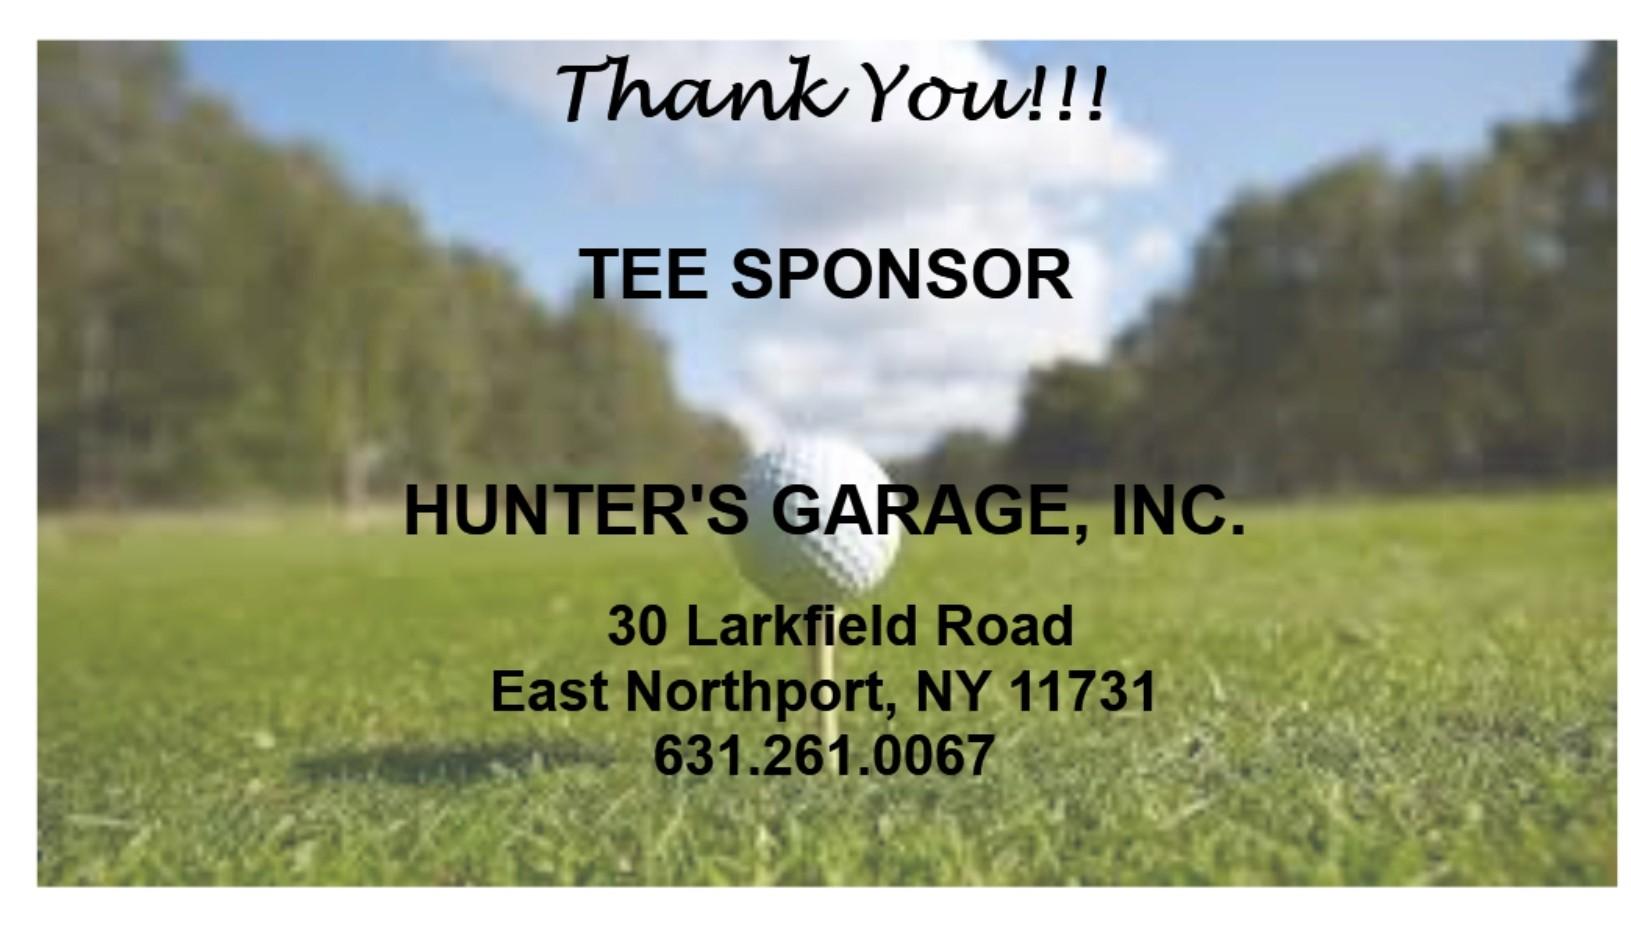 Hunter's Garage, Inc.